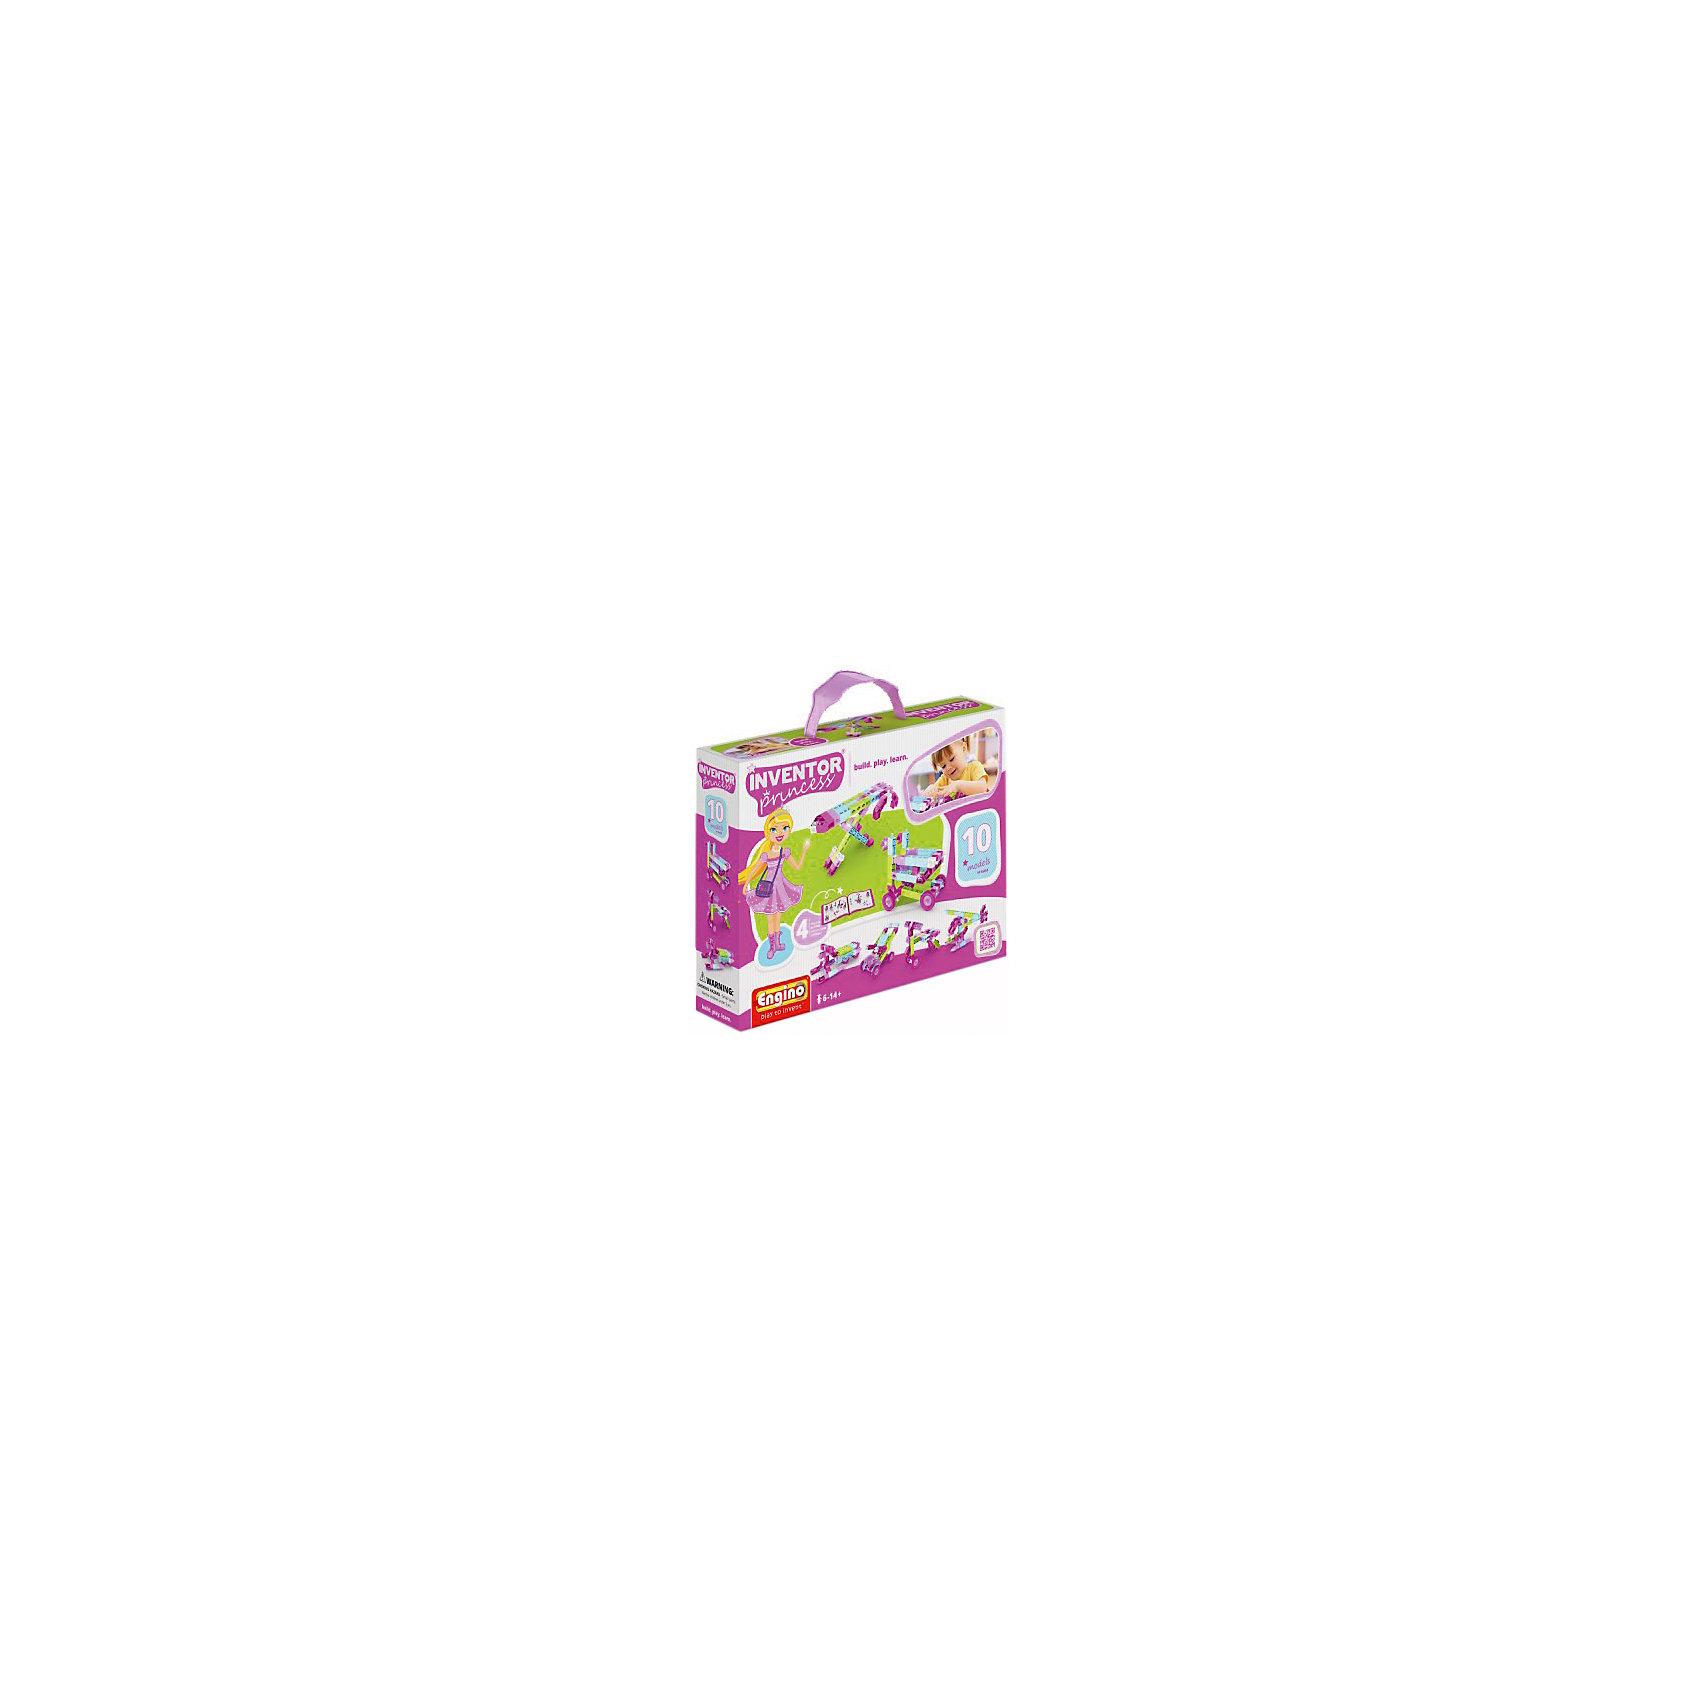 Конструктор INVENTOR GIRLS, 10 моделей, EnginoХарактеристики товара:<br><br>• материал: пластик<br>• размер упаковки: 5х26х20 см<br>• комплектация: коробка, детали, инструкции<br>• упаковка: коробка<br>• можно собрать 10 моделей<br>• возраст: от 6 лет<br>• совместим с другими наборами Engino<br>• 234 детали<br>• страна бренда: Кипр<br><br>Конструктор - это отличный способ помочь развитию ребенка. Сборка фигурок из деталей способствует скорейшему развитию мелкой моторики, пространственного мышления, логики, цветовосприятия и воображения. Помимо этого, собирать конструктор - очень увлекательное занятие!<br><br>Конструкторы от Engino - это развивающие игрушки нового поколения. Из этого конструктора можно собрать сразу 10 разных фигурок! Сделать это можно с помощью инструкции, входящей в комплект или информации из интернета. Отличный полезный подарок для девочки! <br><br>Конструктор INVENTOR GIRLS, 10 моделей, от популярного бренда Engino можно купить в нашем интернет-магазине.<br><br>Ширина мм: 260<br>Глубина мм: 60<br>Высота мм: 200<br>Вес г: 256<br>Возраст от месяцев: 36<br>Возраст до месяцев: 192<br>Пол: Женский<br>Возраст: Детский<br>SKU: 5482371